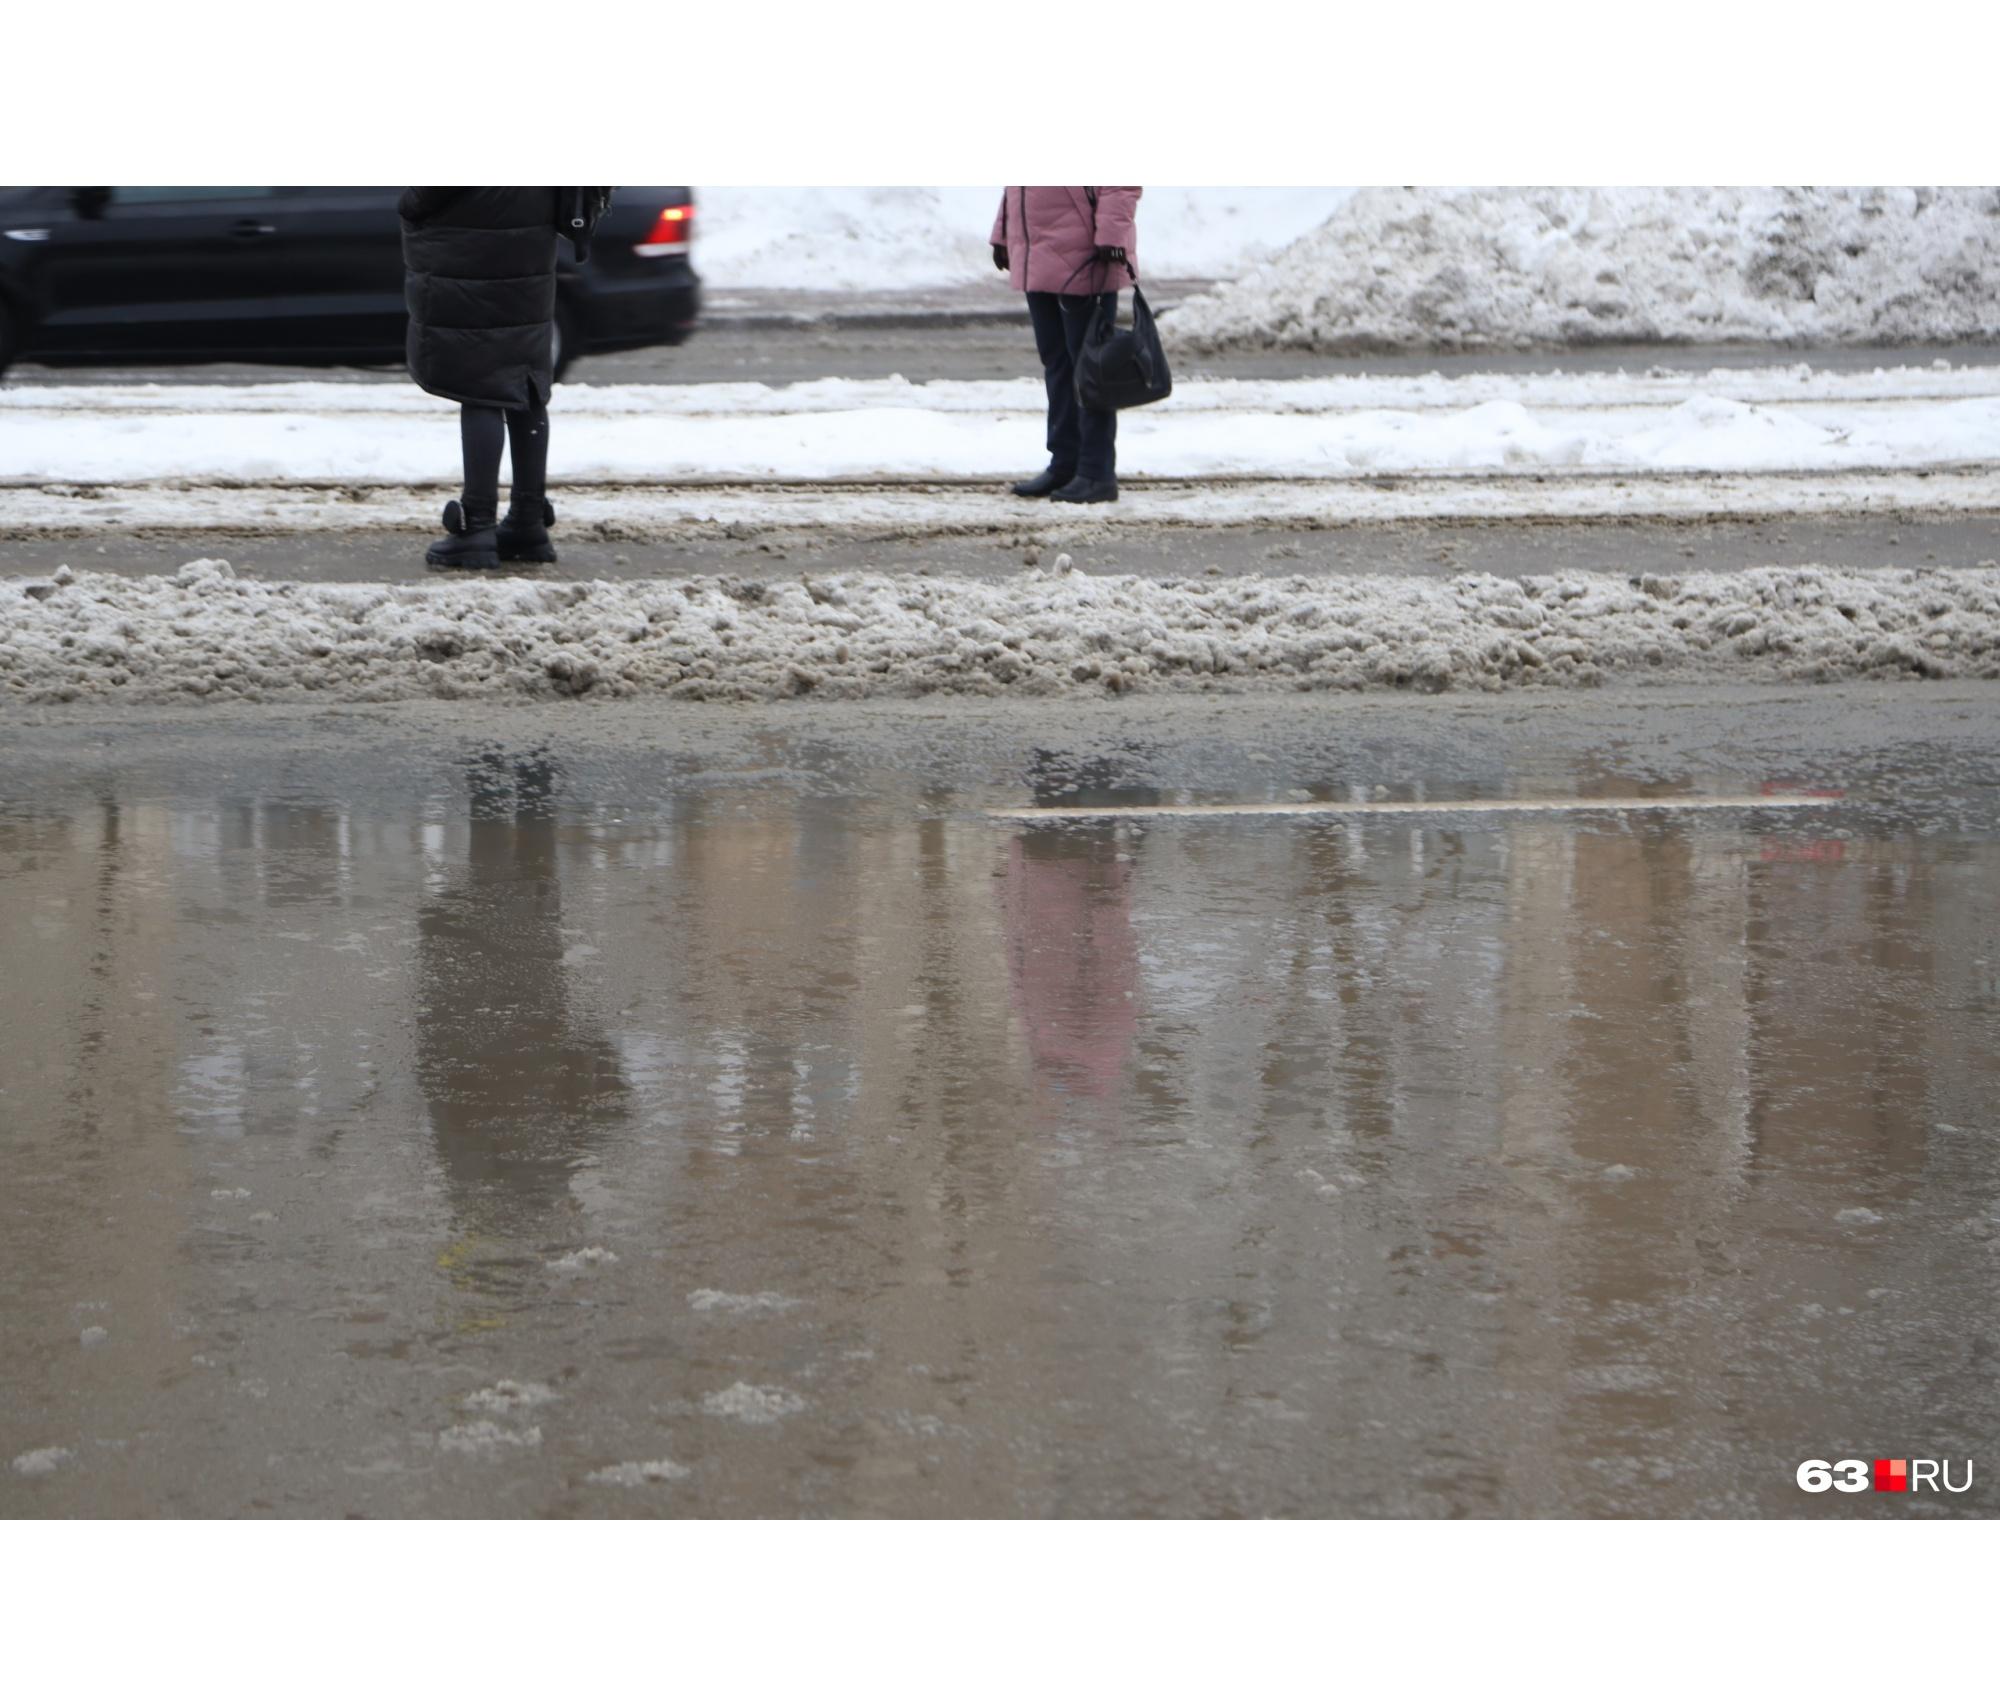 Пешеходам лучше надеть резиновые сапоги